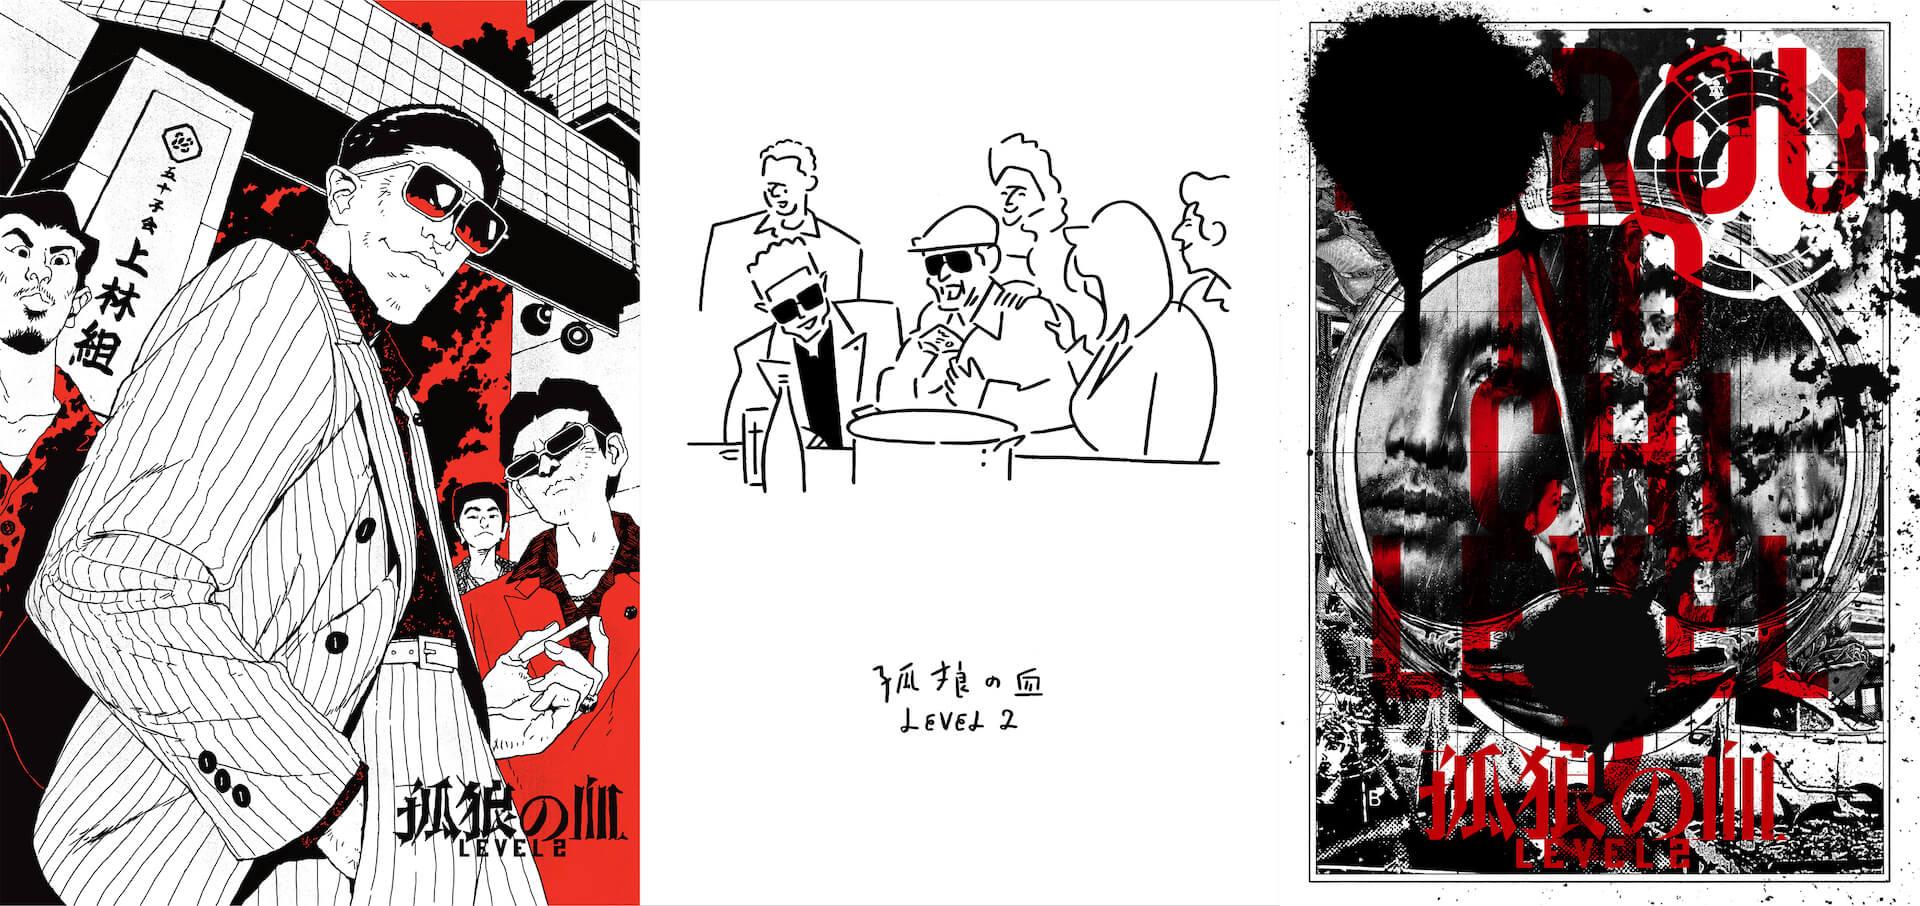 長場雄、河村康輔、Freddy Carrascoが『孤狼の血 LEVEL2』とのコラボアートを描く!『コロウノチVS現代アート』が解禁 film210806_korounochi_1